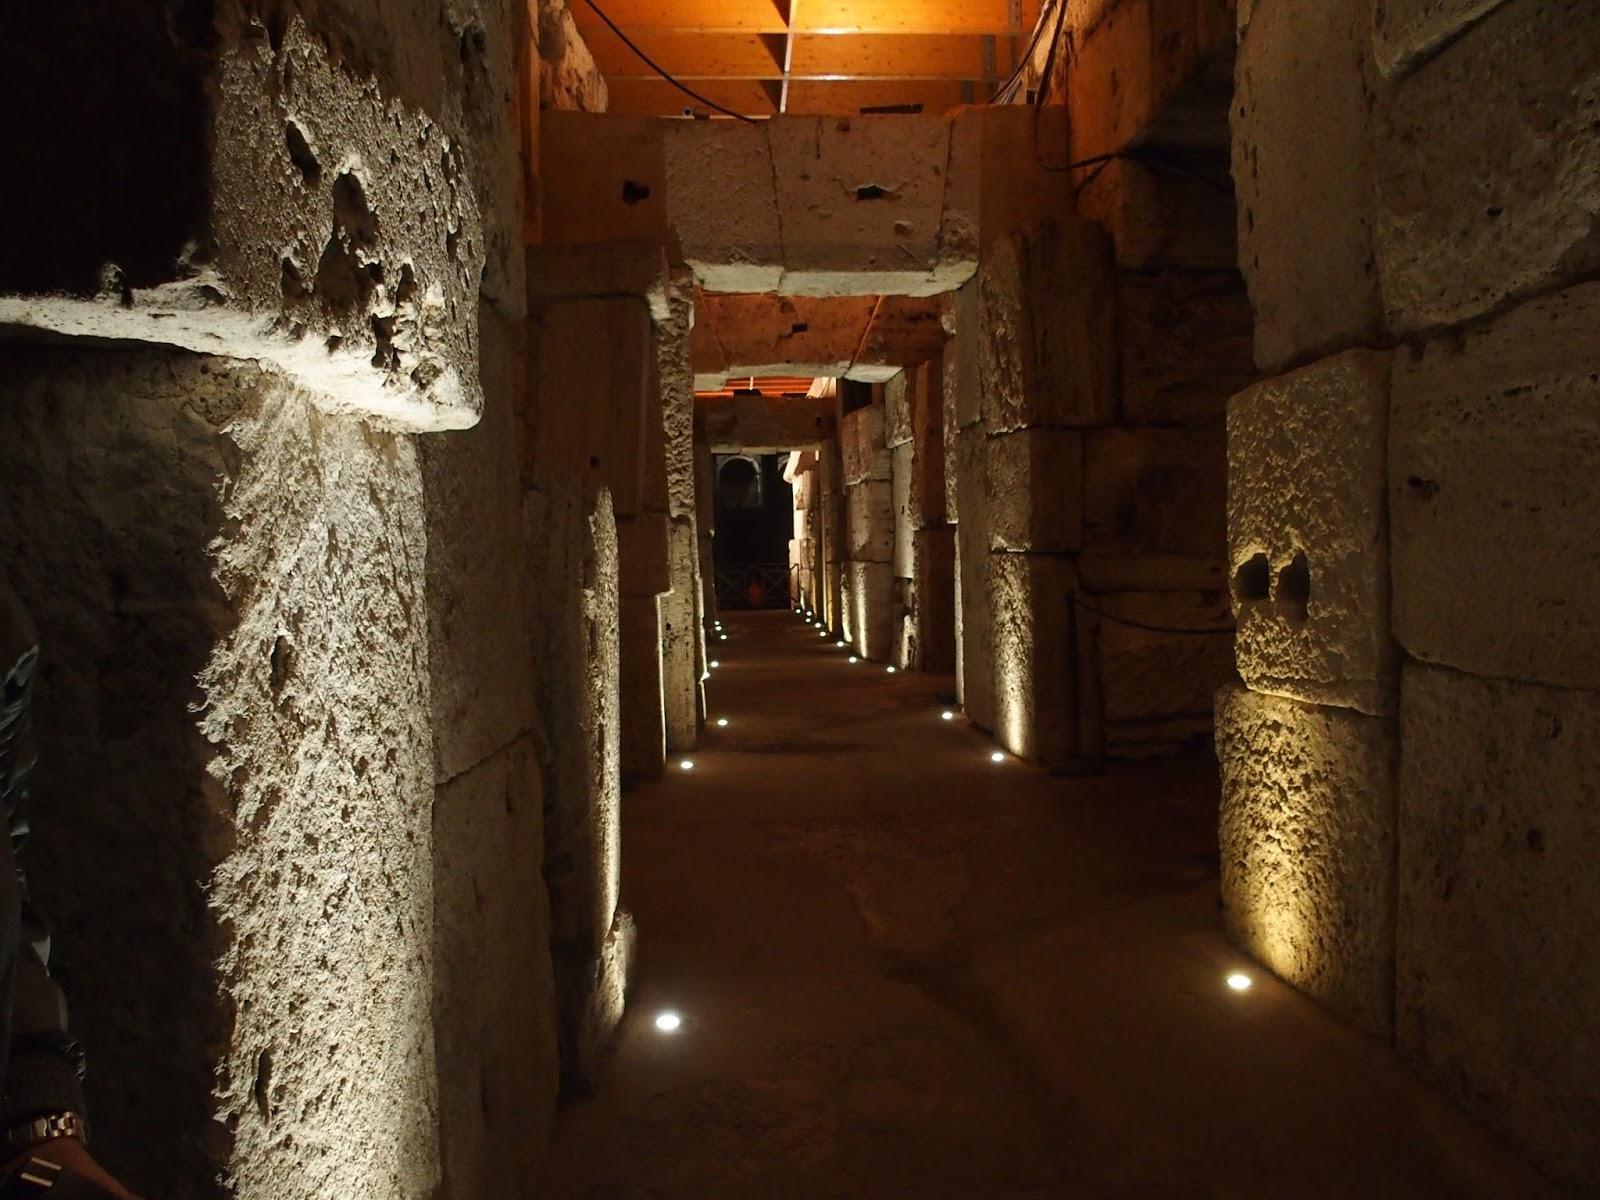 Colosseum Underground Tour Tickets